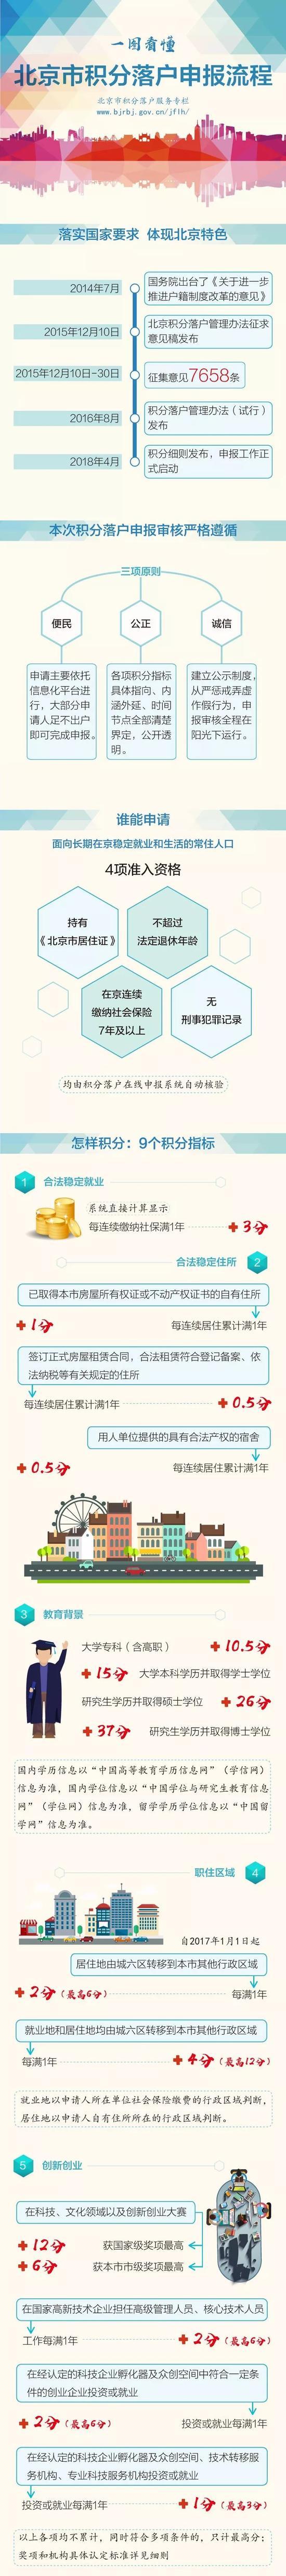 北京积分落户申报16日正式启动 最想了解的在这里春露by爱枣